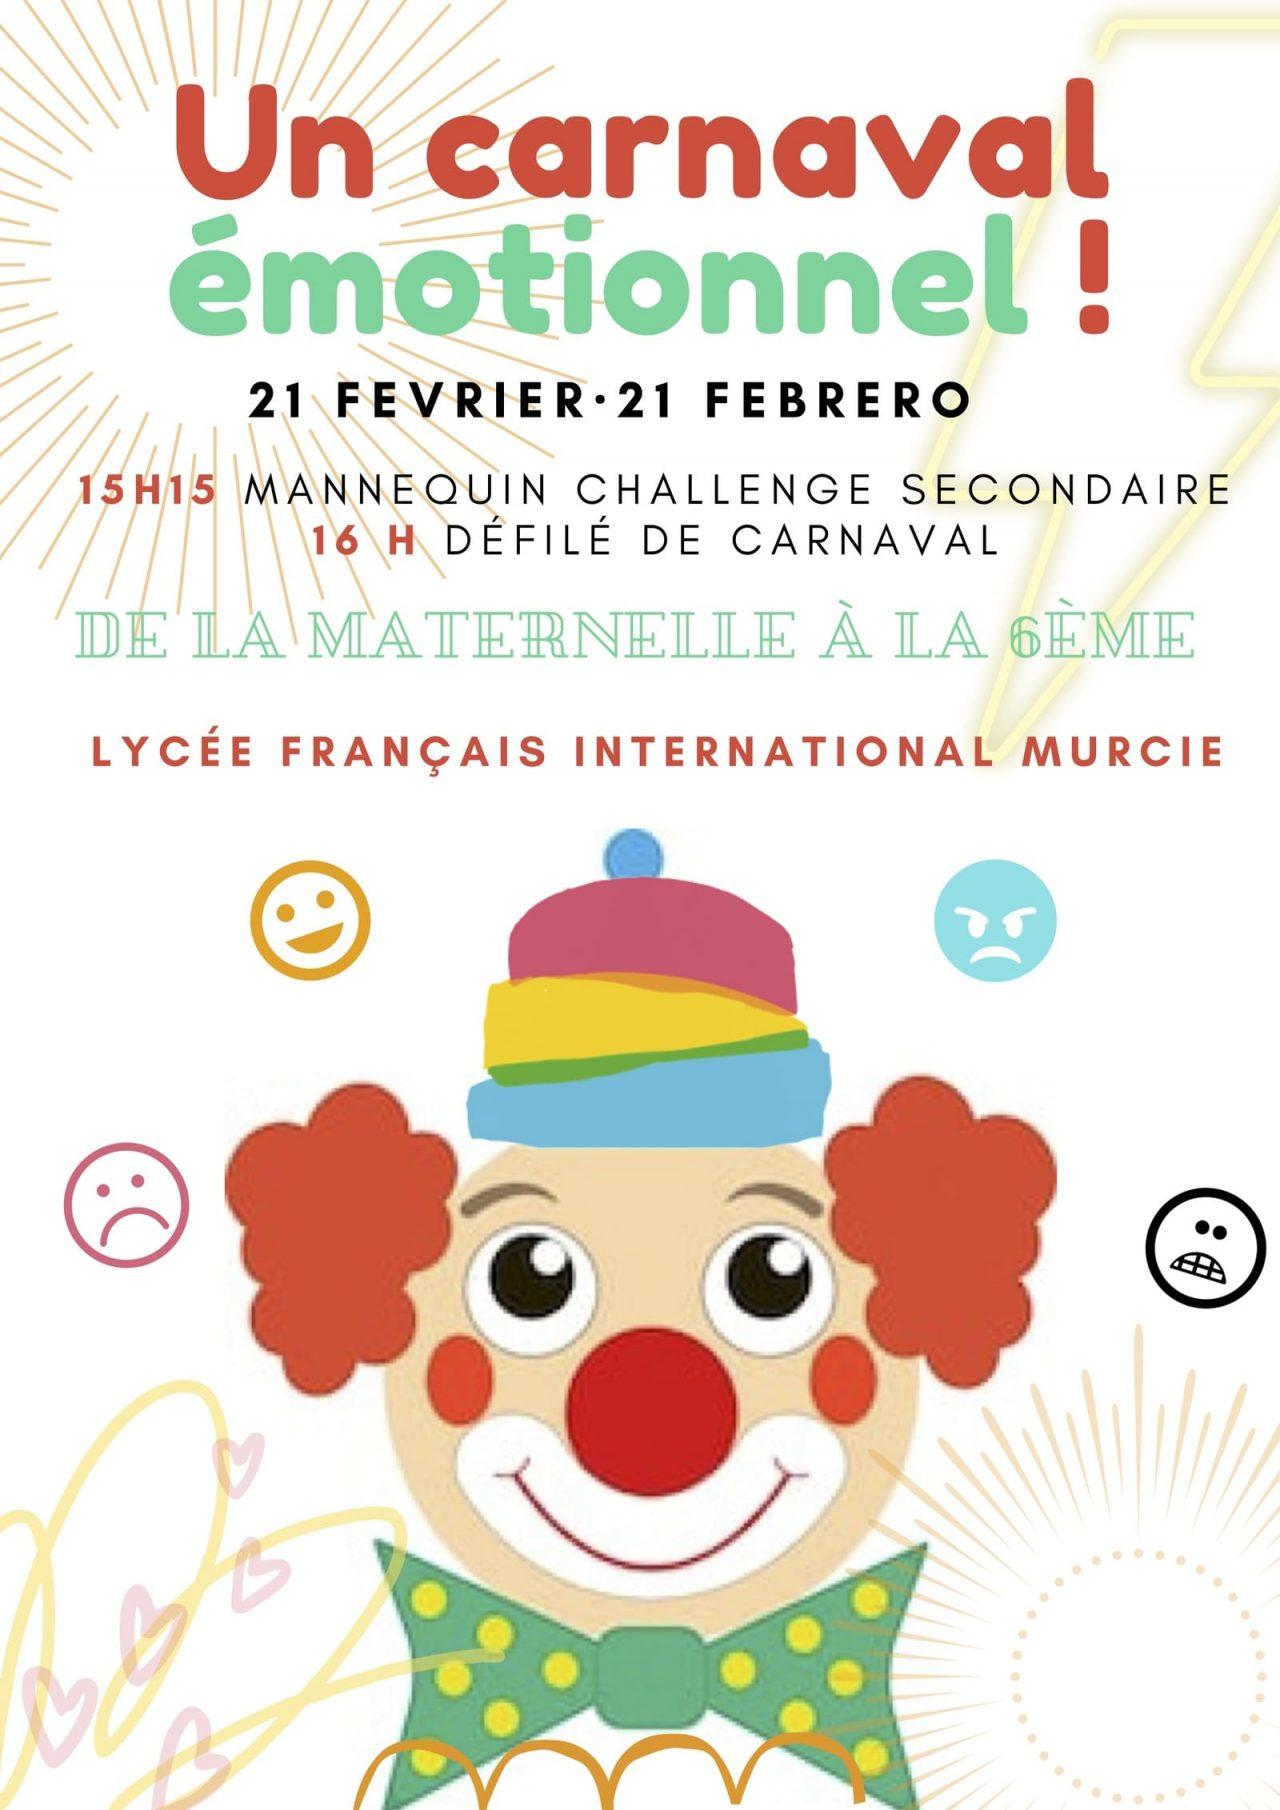 un-carnaval-émotionnel-lycee_murcie-1280x1810.jpg